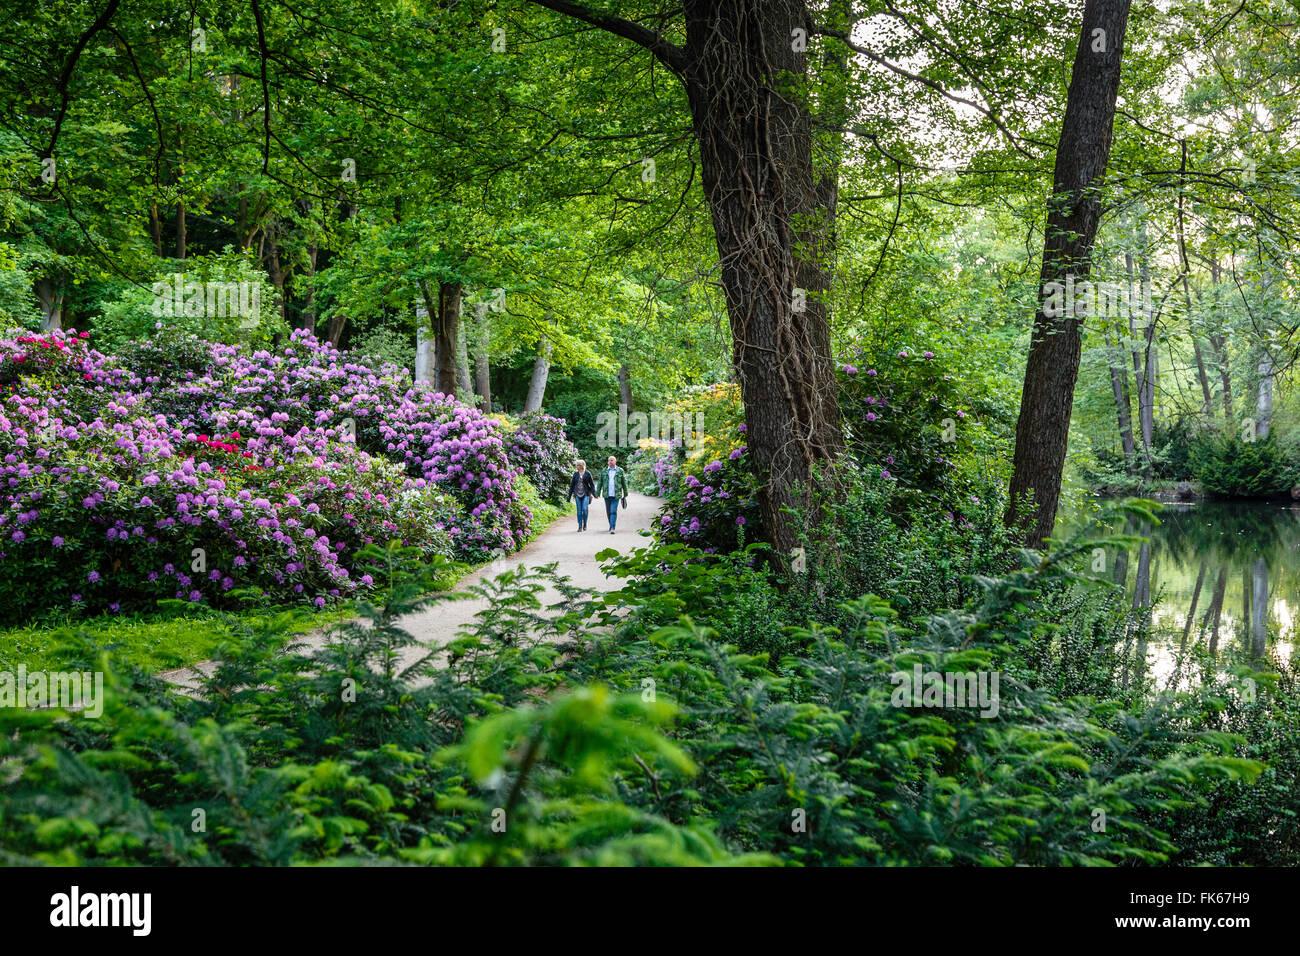 Tiergarten park, Berlin, Germany, Europe - Stock Image